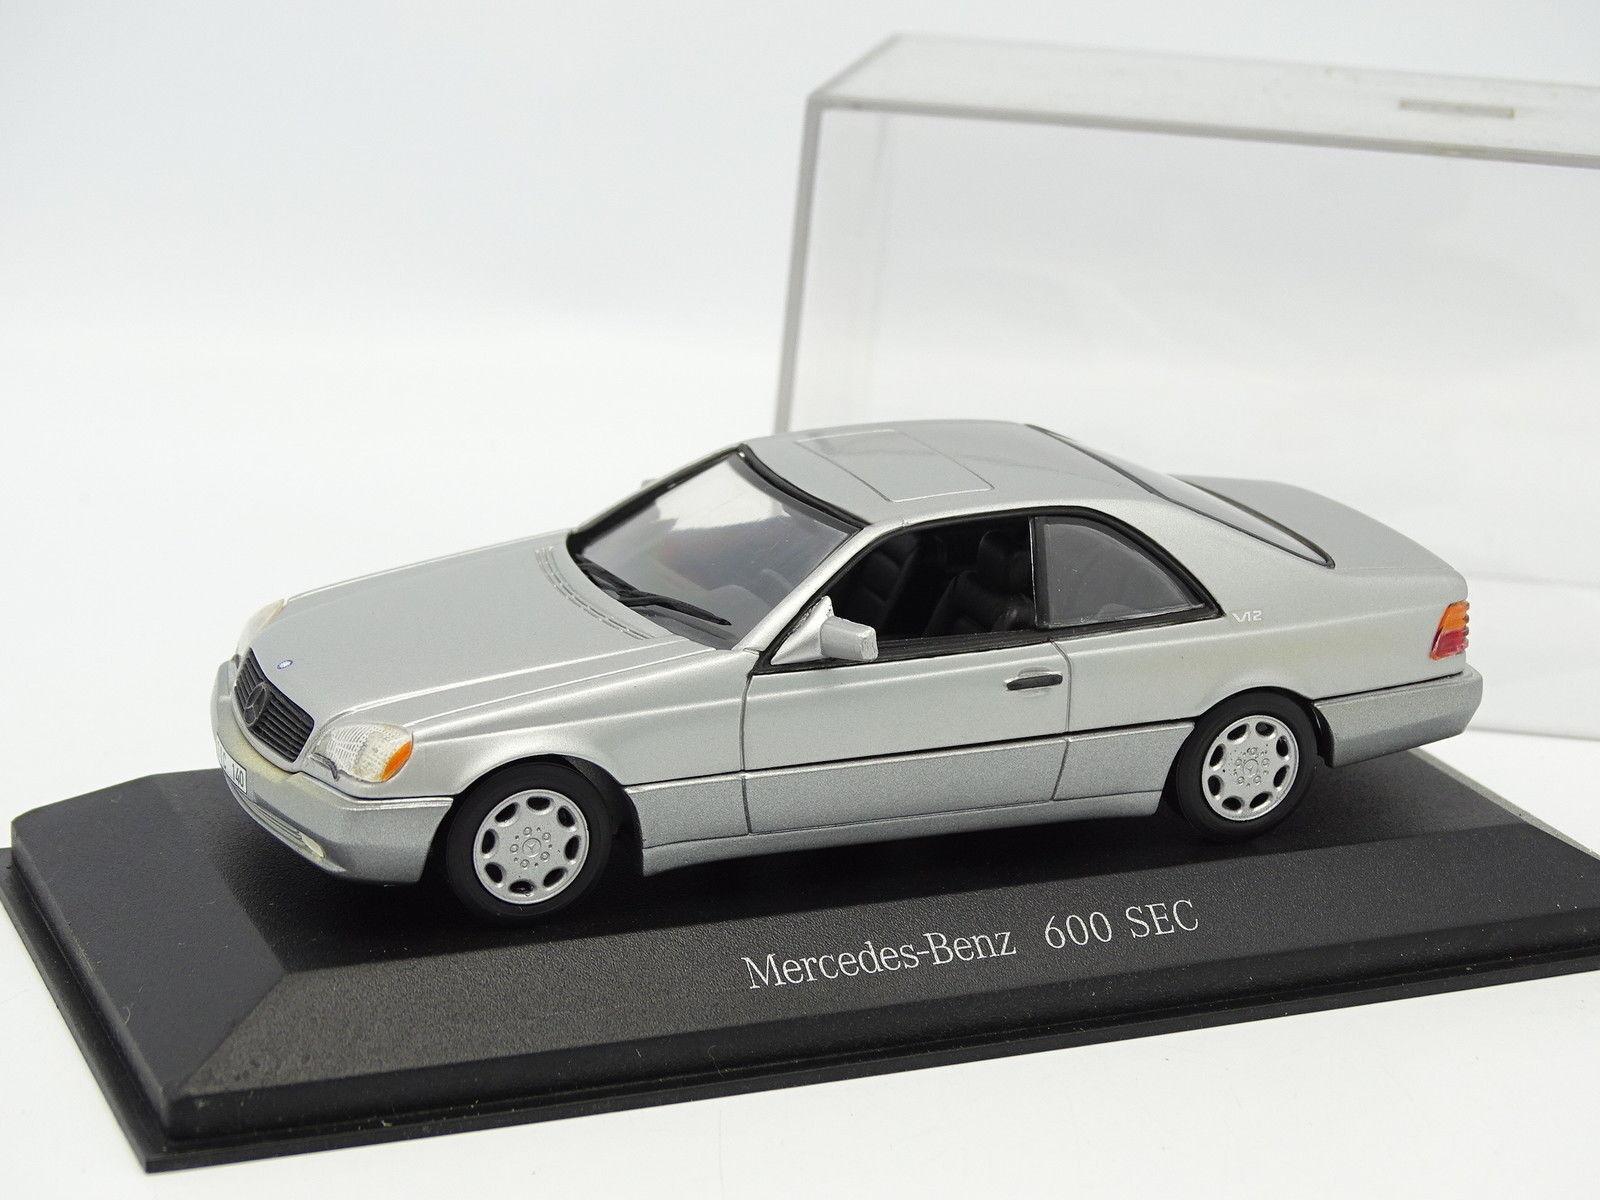 Minichamps 1 43 - Mercedes 600 SEC argentoo